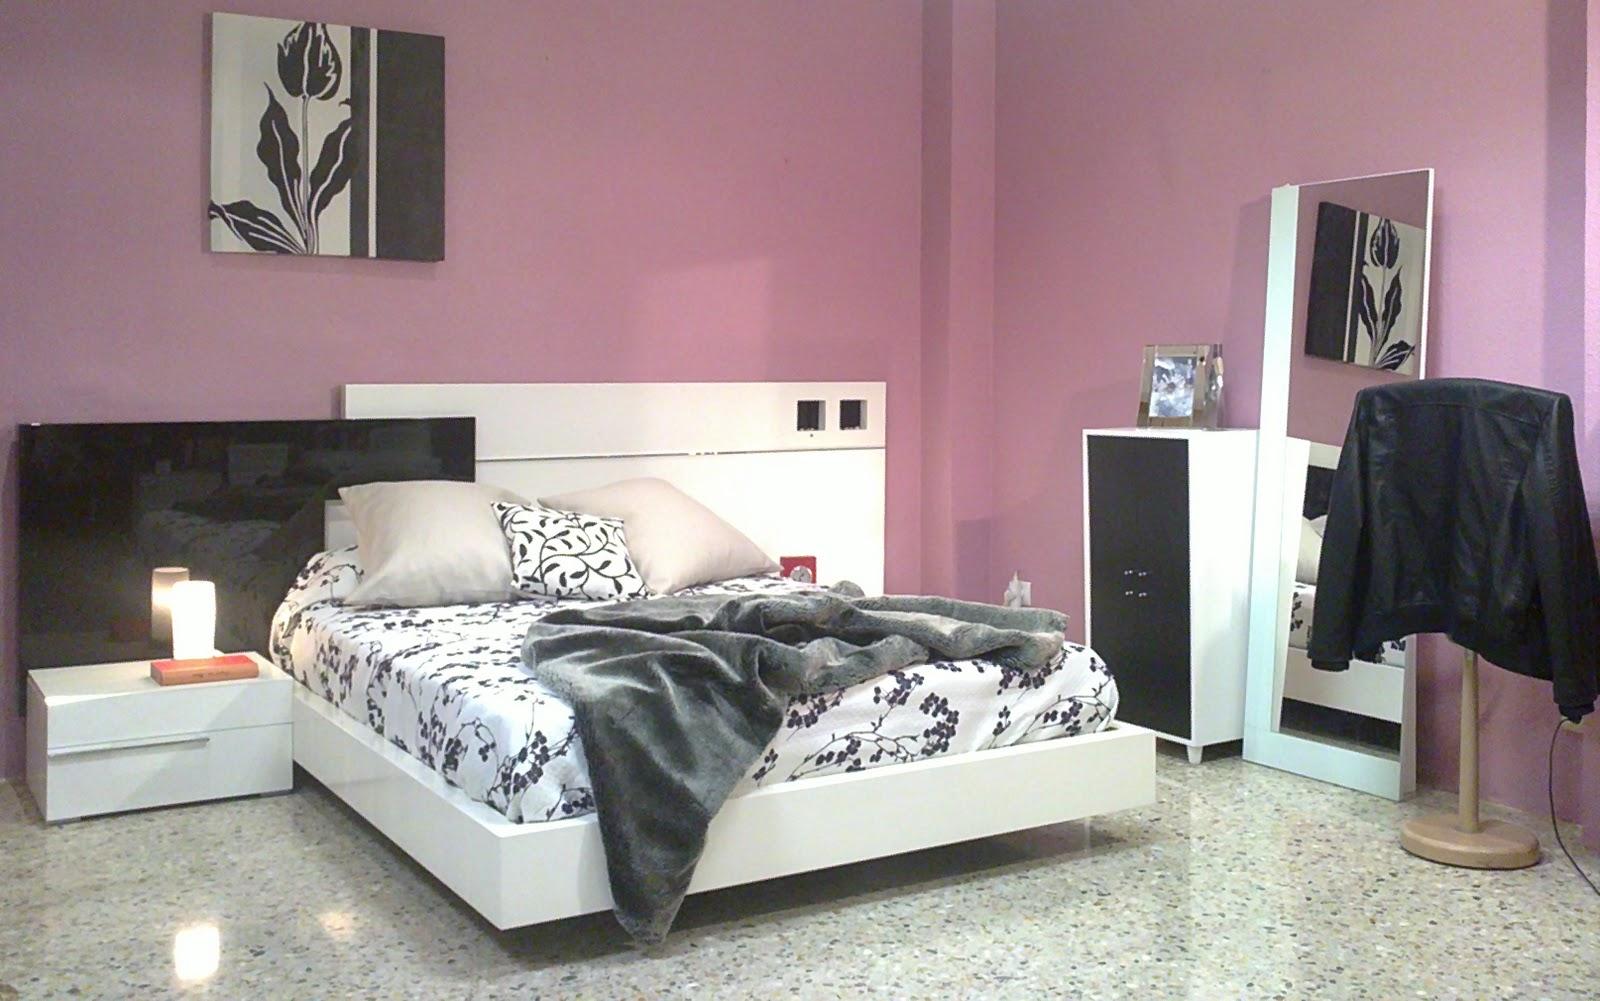 Muebles Aznar Estilos y Tendencias.: Dormitorio Moderno lacado ...